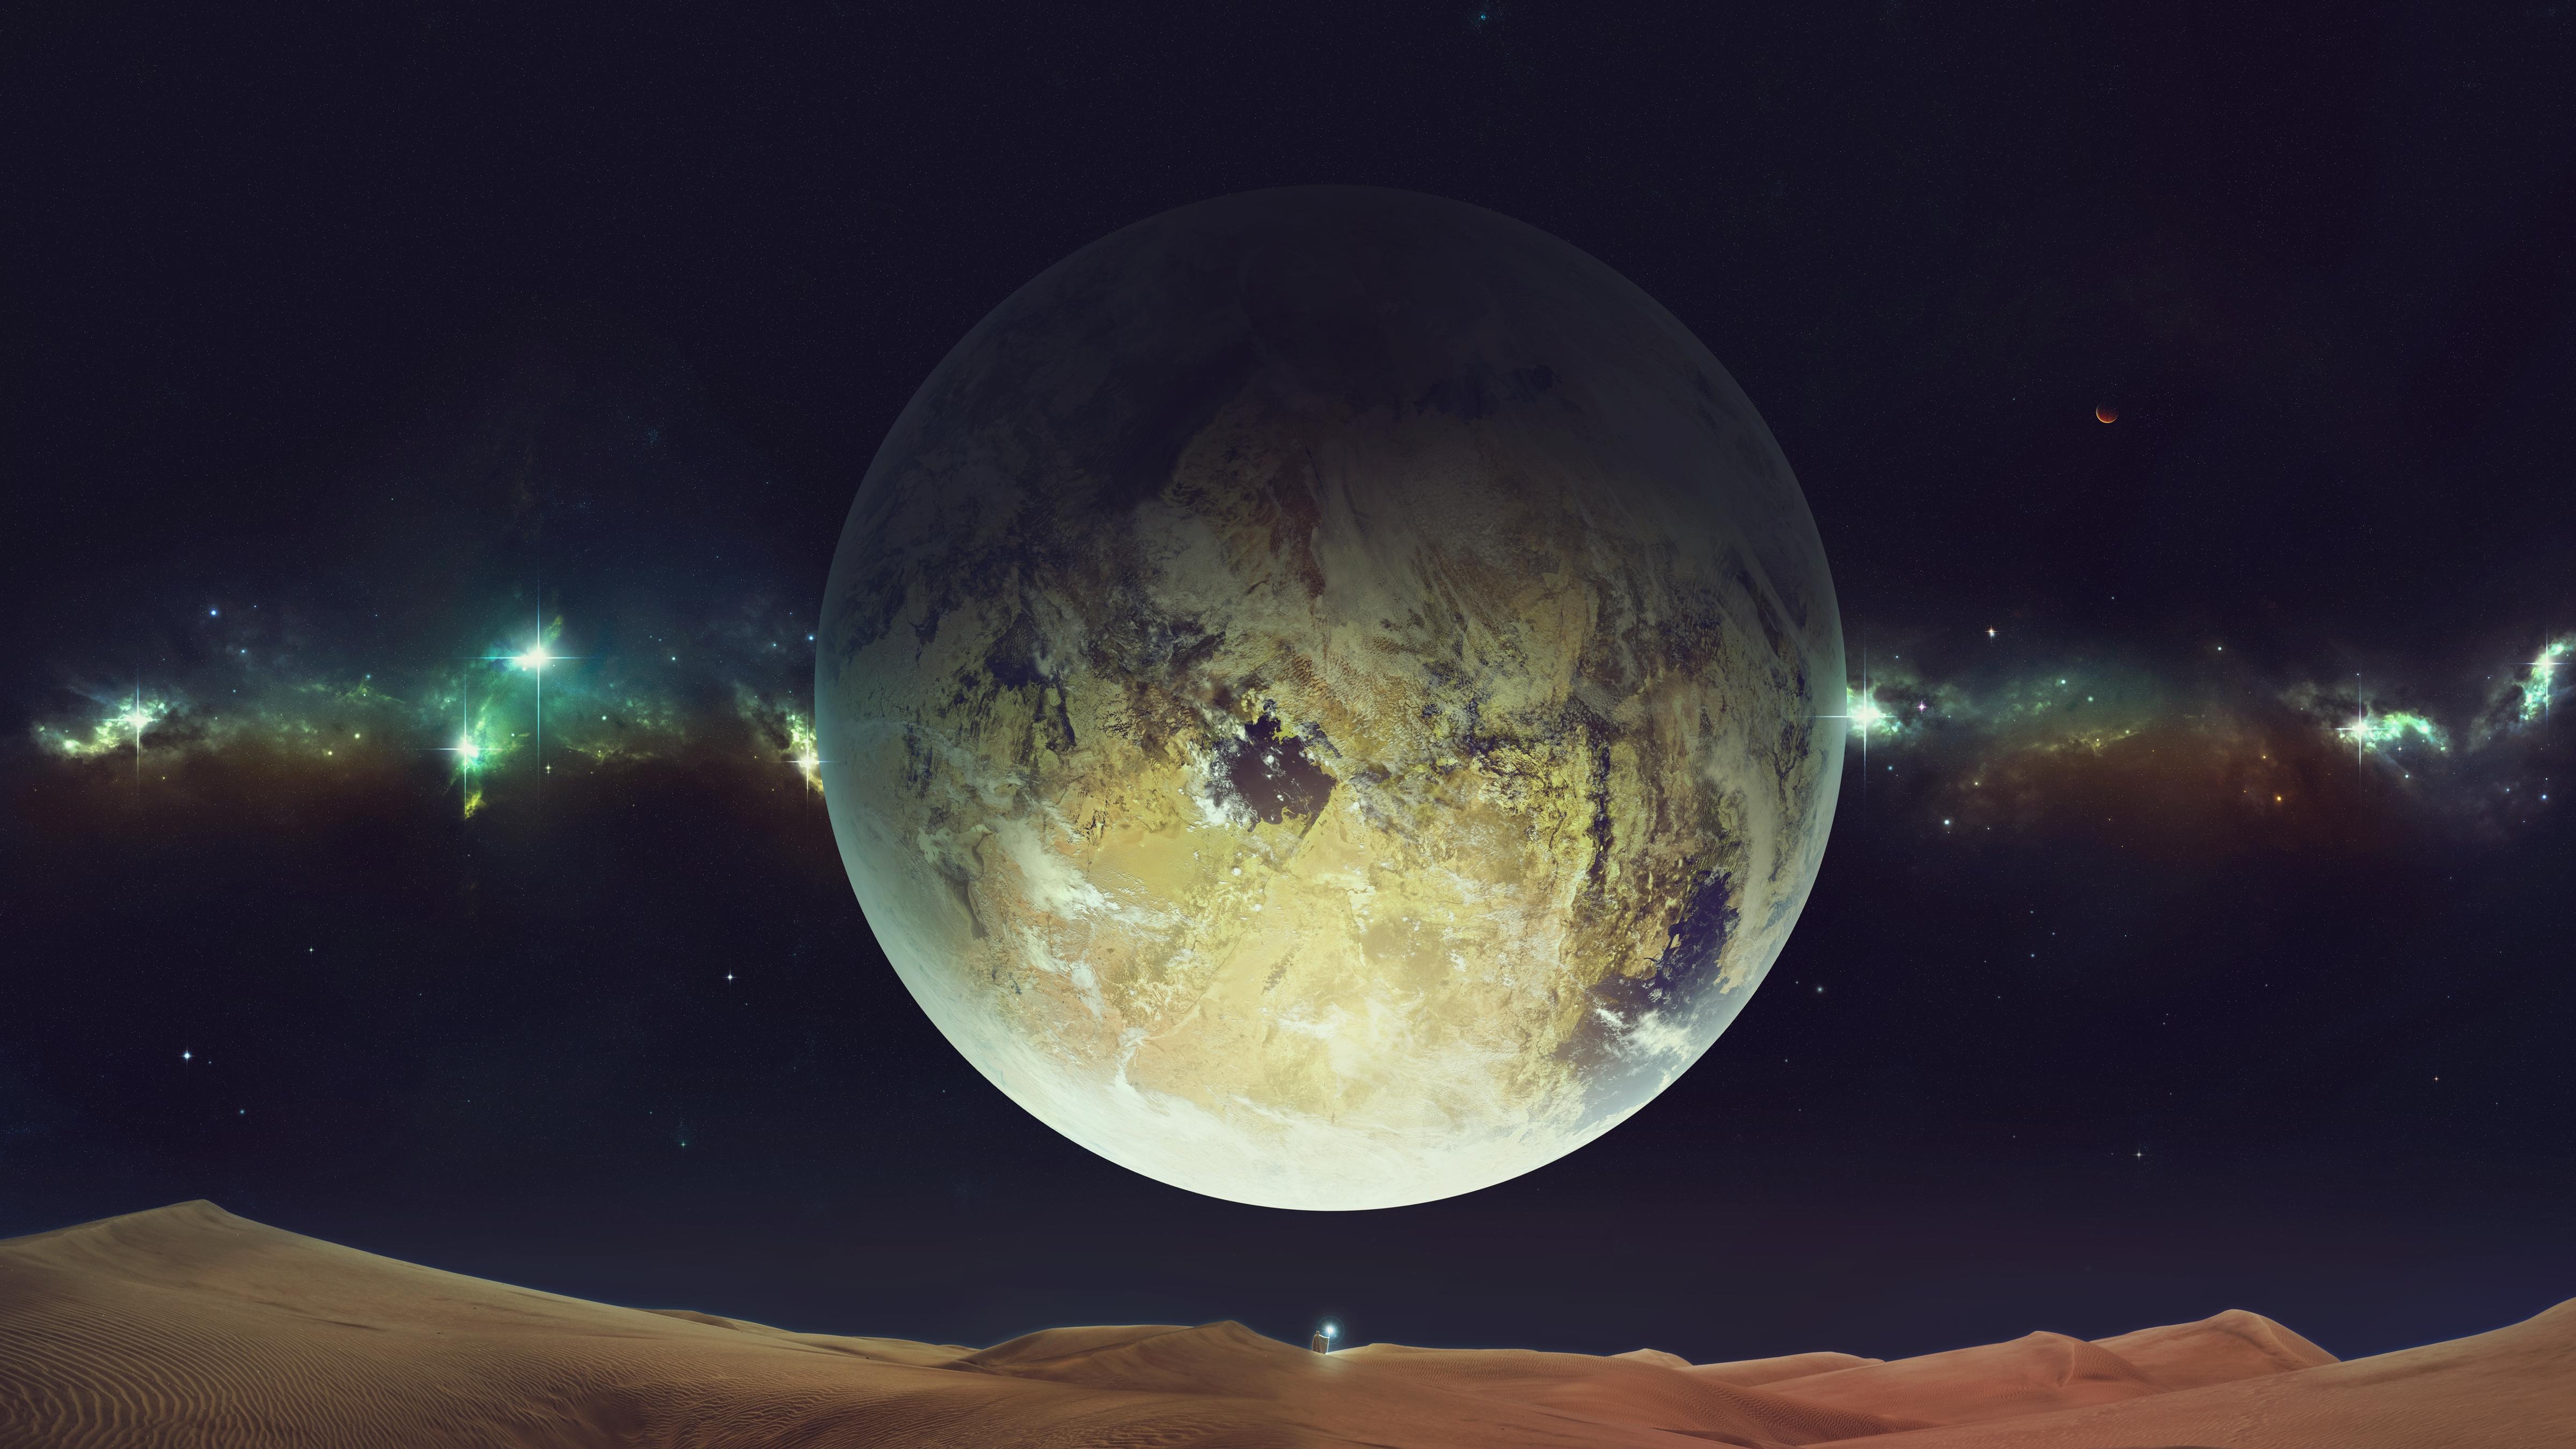 81778 Hintergrundbild herunterladen Universum, Platz, Raum, Planet, Planeten - Bildschirmschoner und Bilder kostenlos